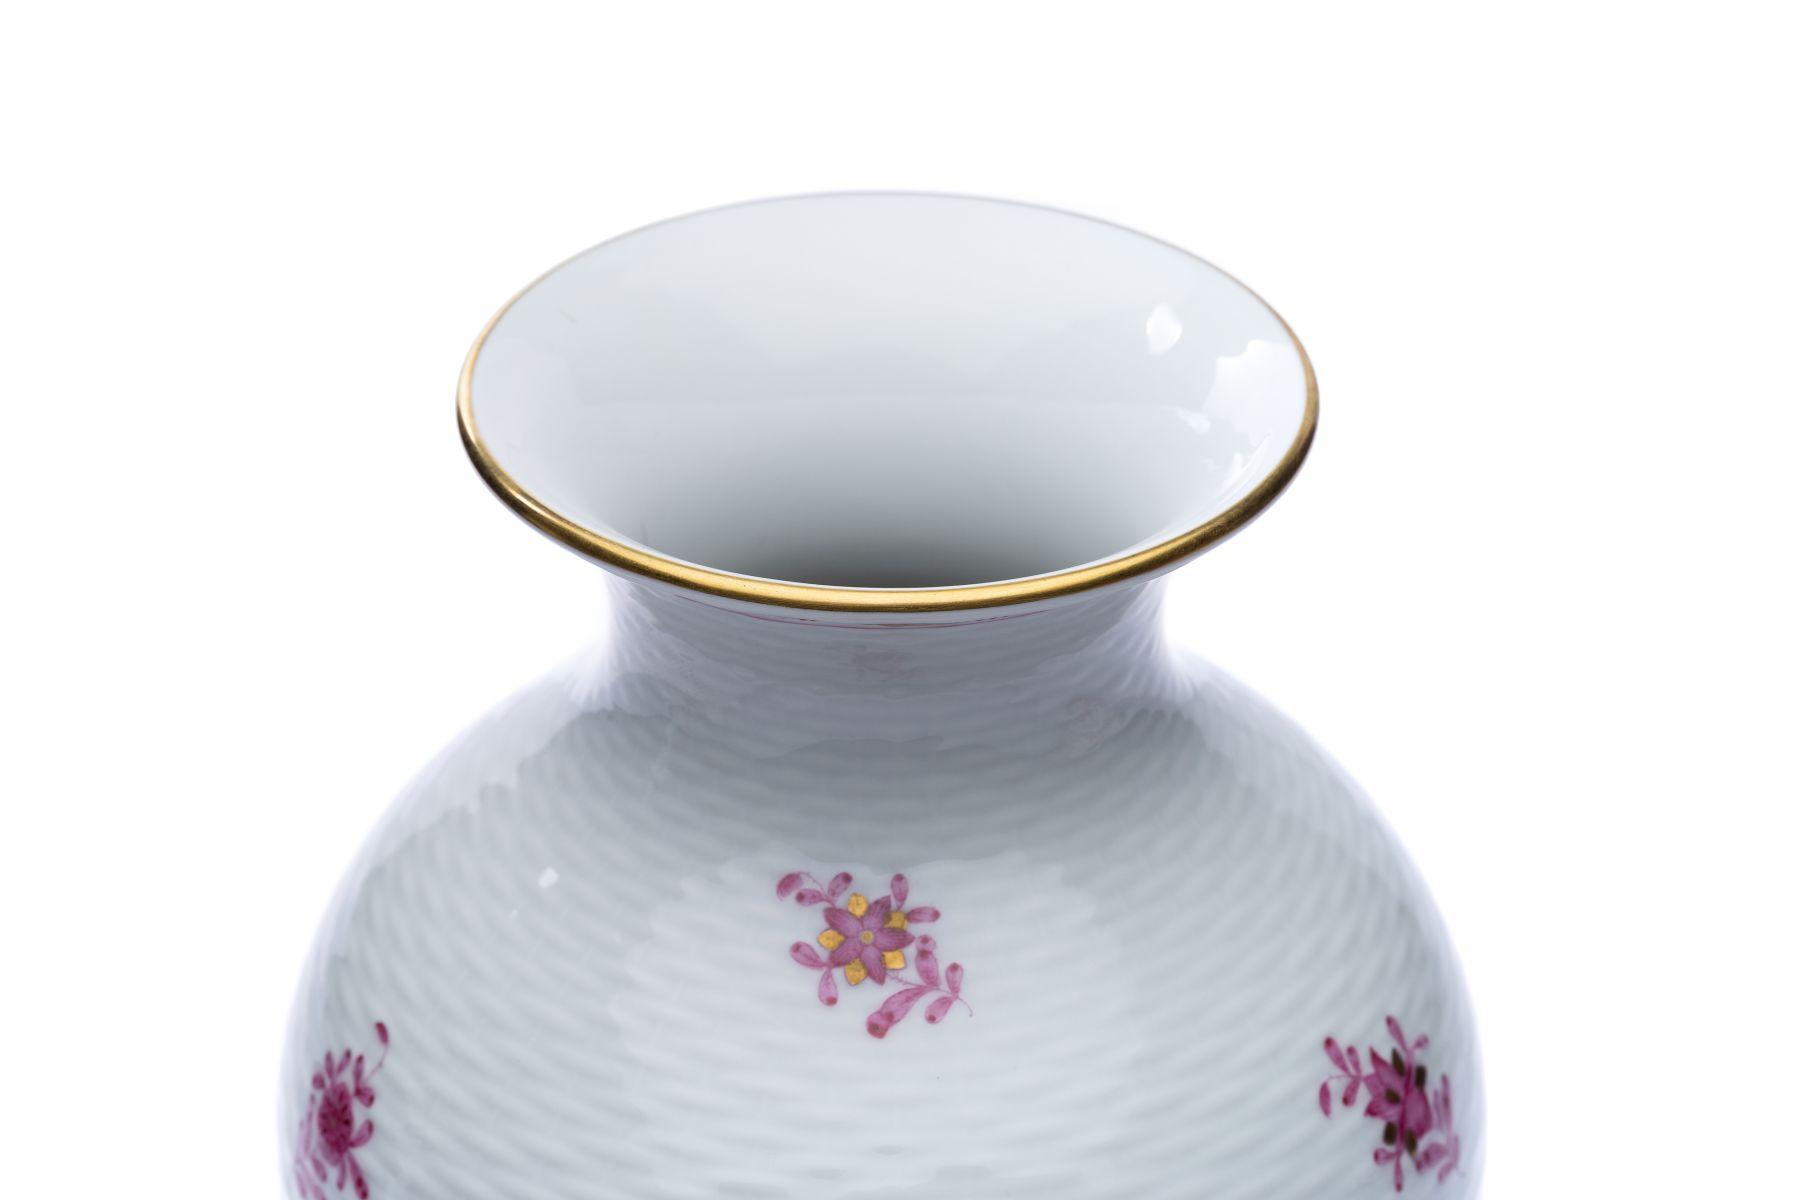 Blumentopf, Blumenvase, Kerzenständer und Früchtekorb - Bild 10 aus 11